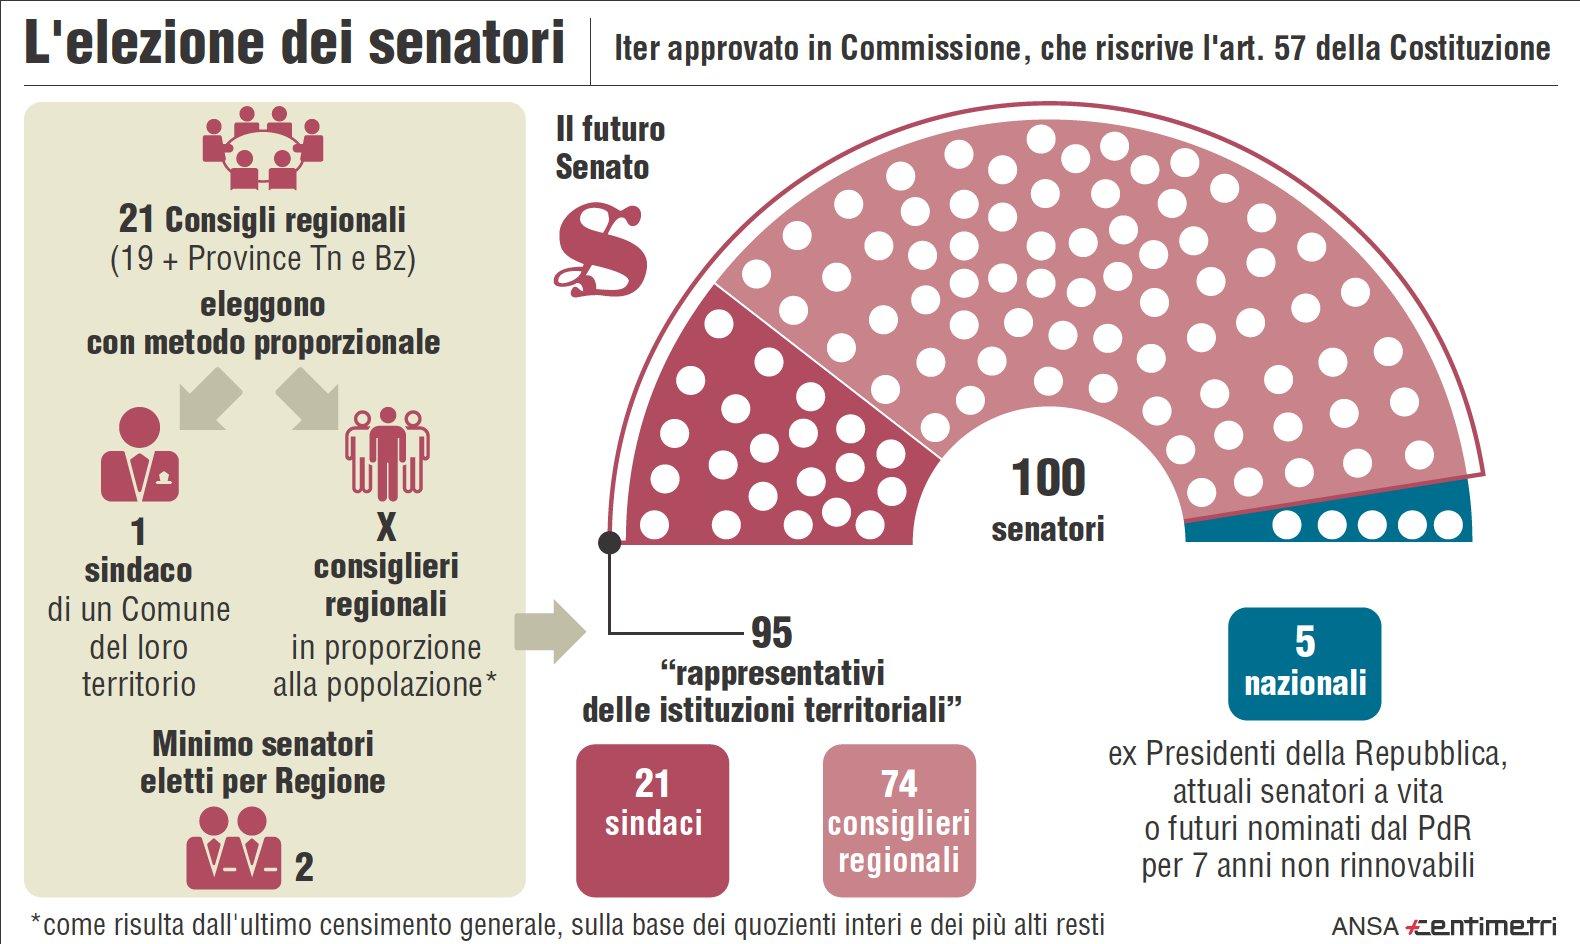 Referendum come cambia il senato lumsa news for Senato composizione